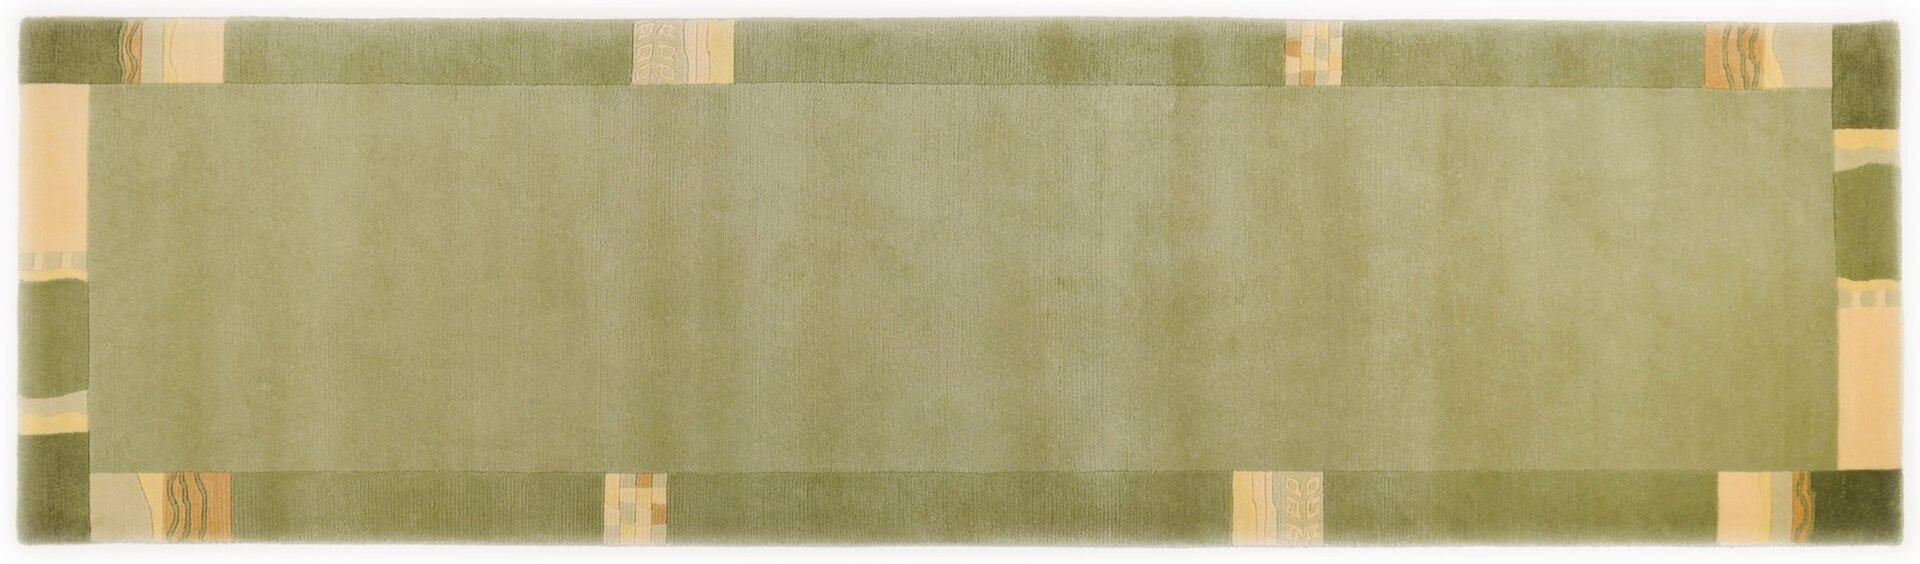 Handknüpfteppich Nepalus Theko Textil grün 2 cm